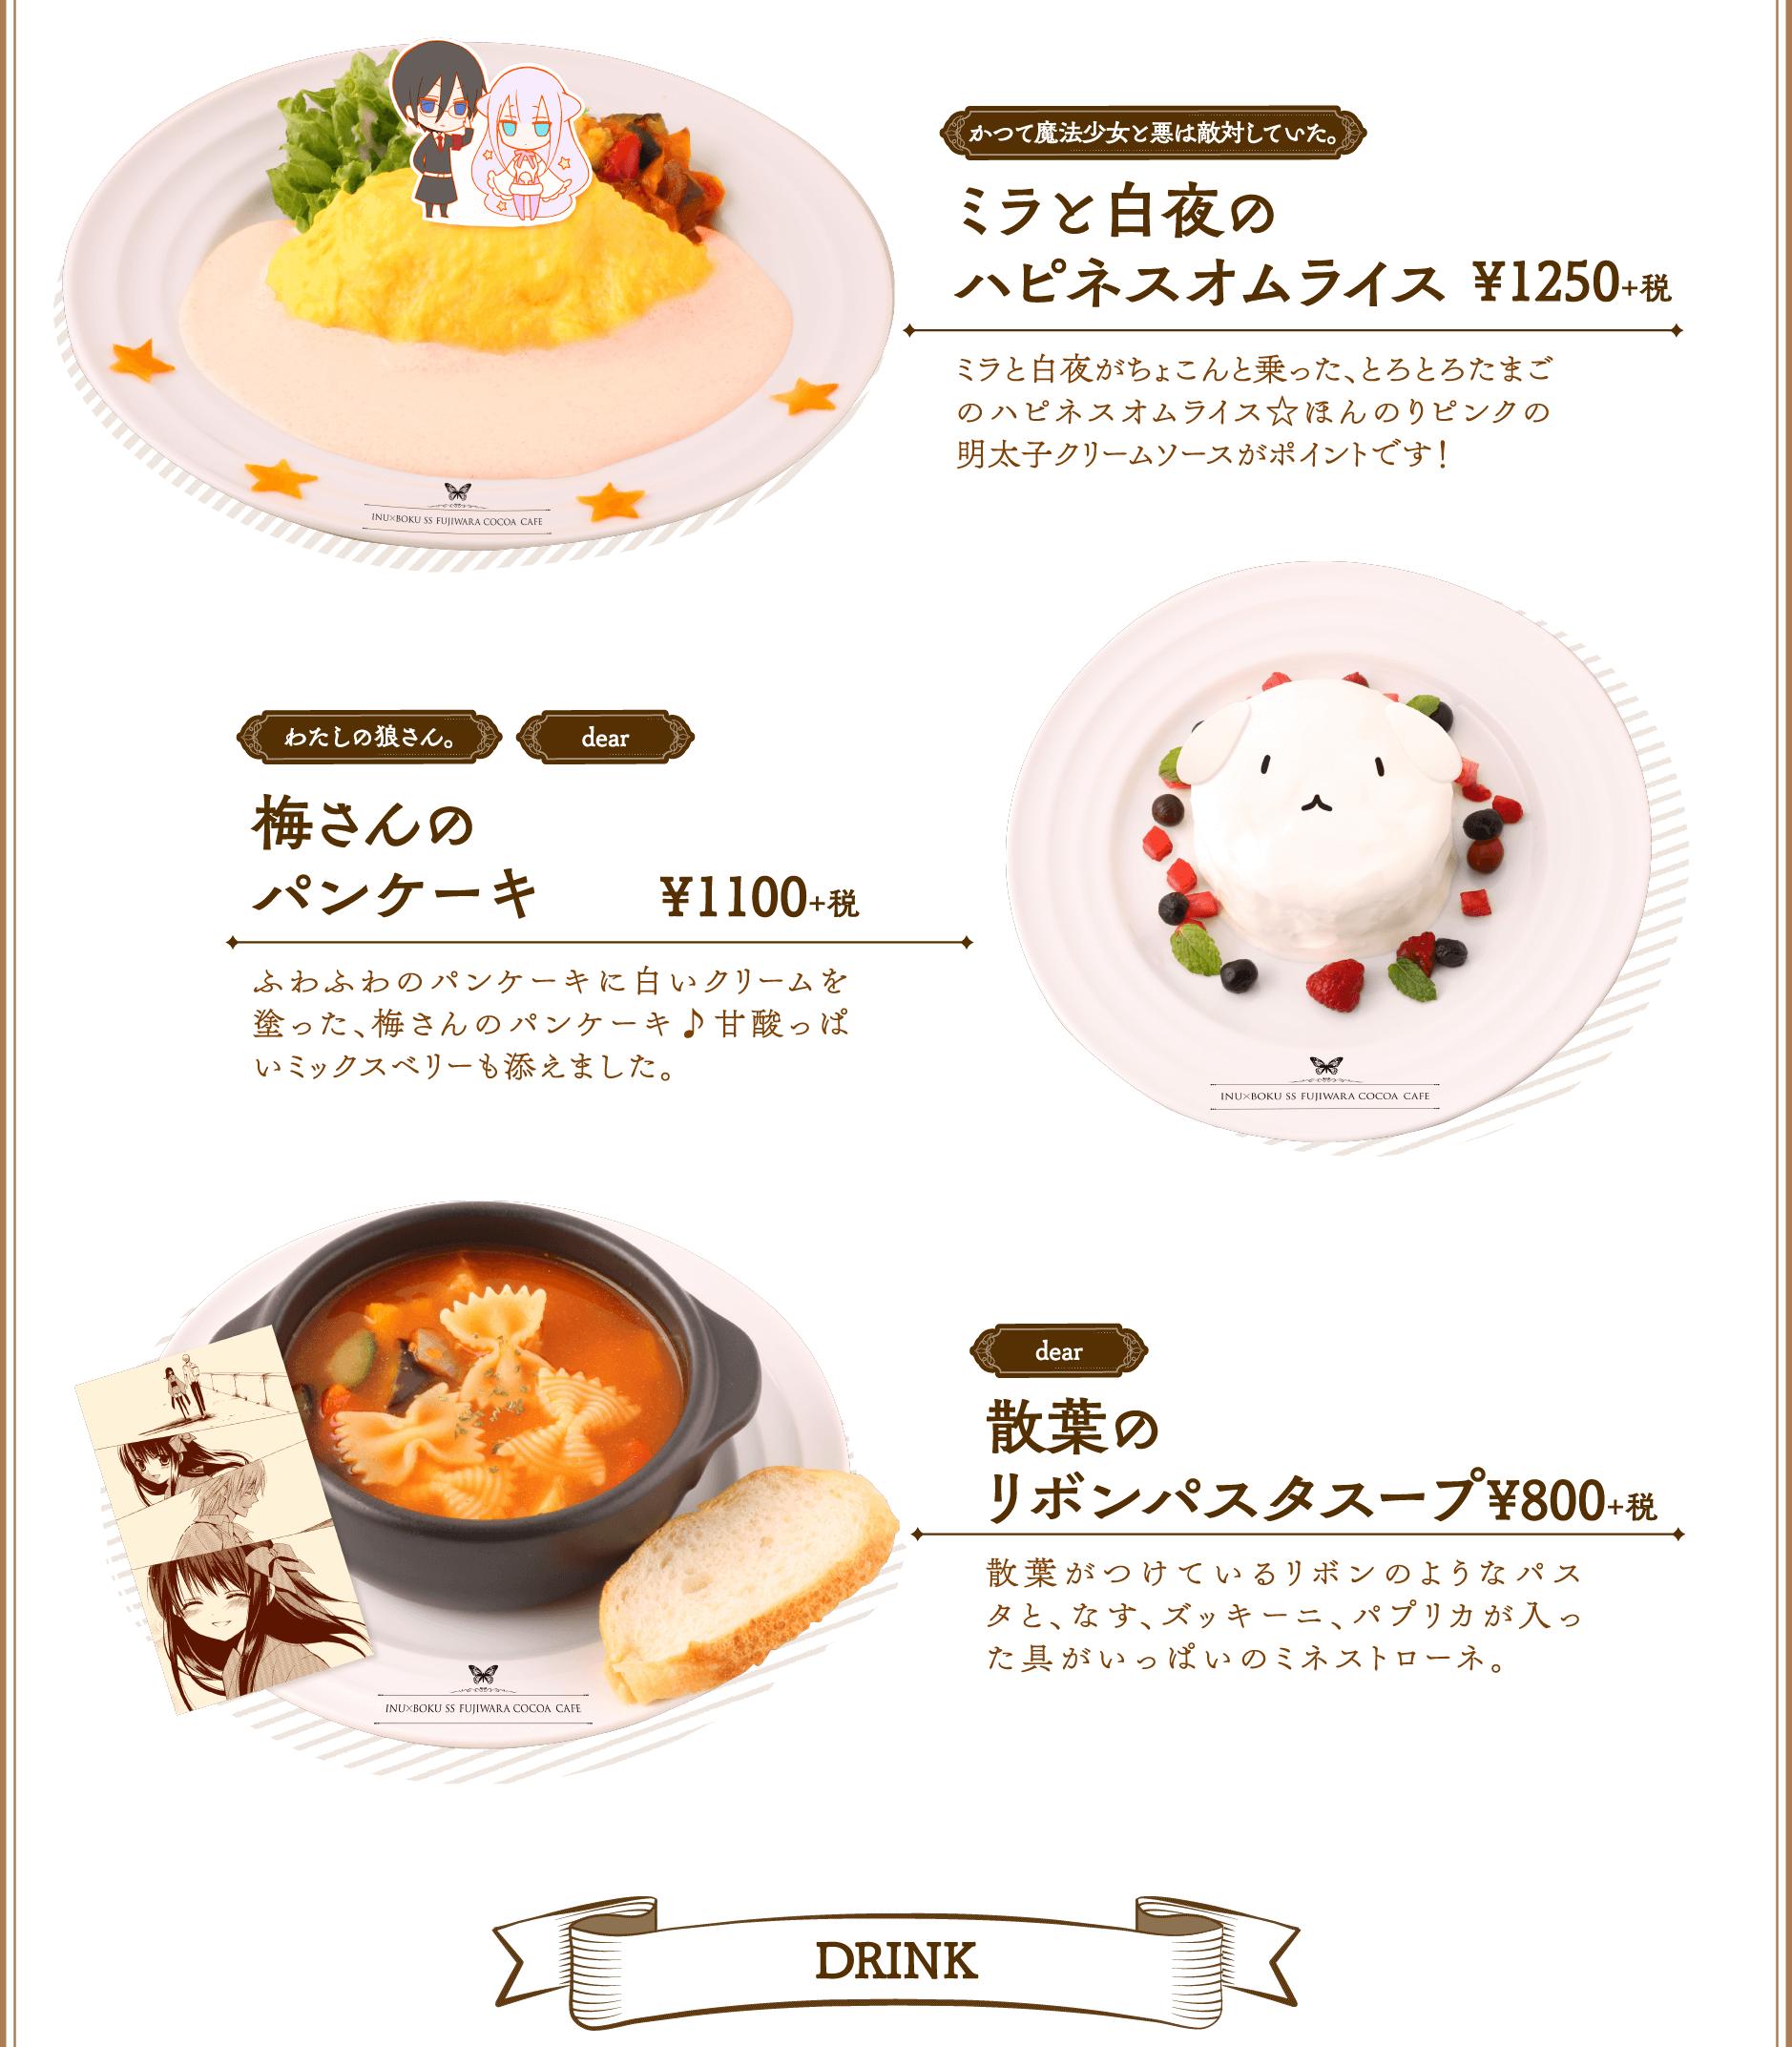 menu-3-20190909.png